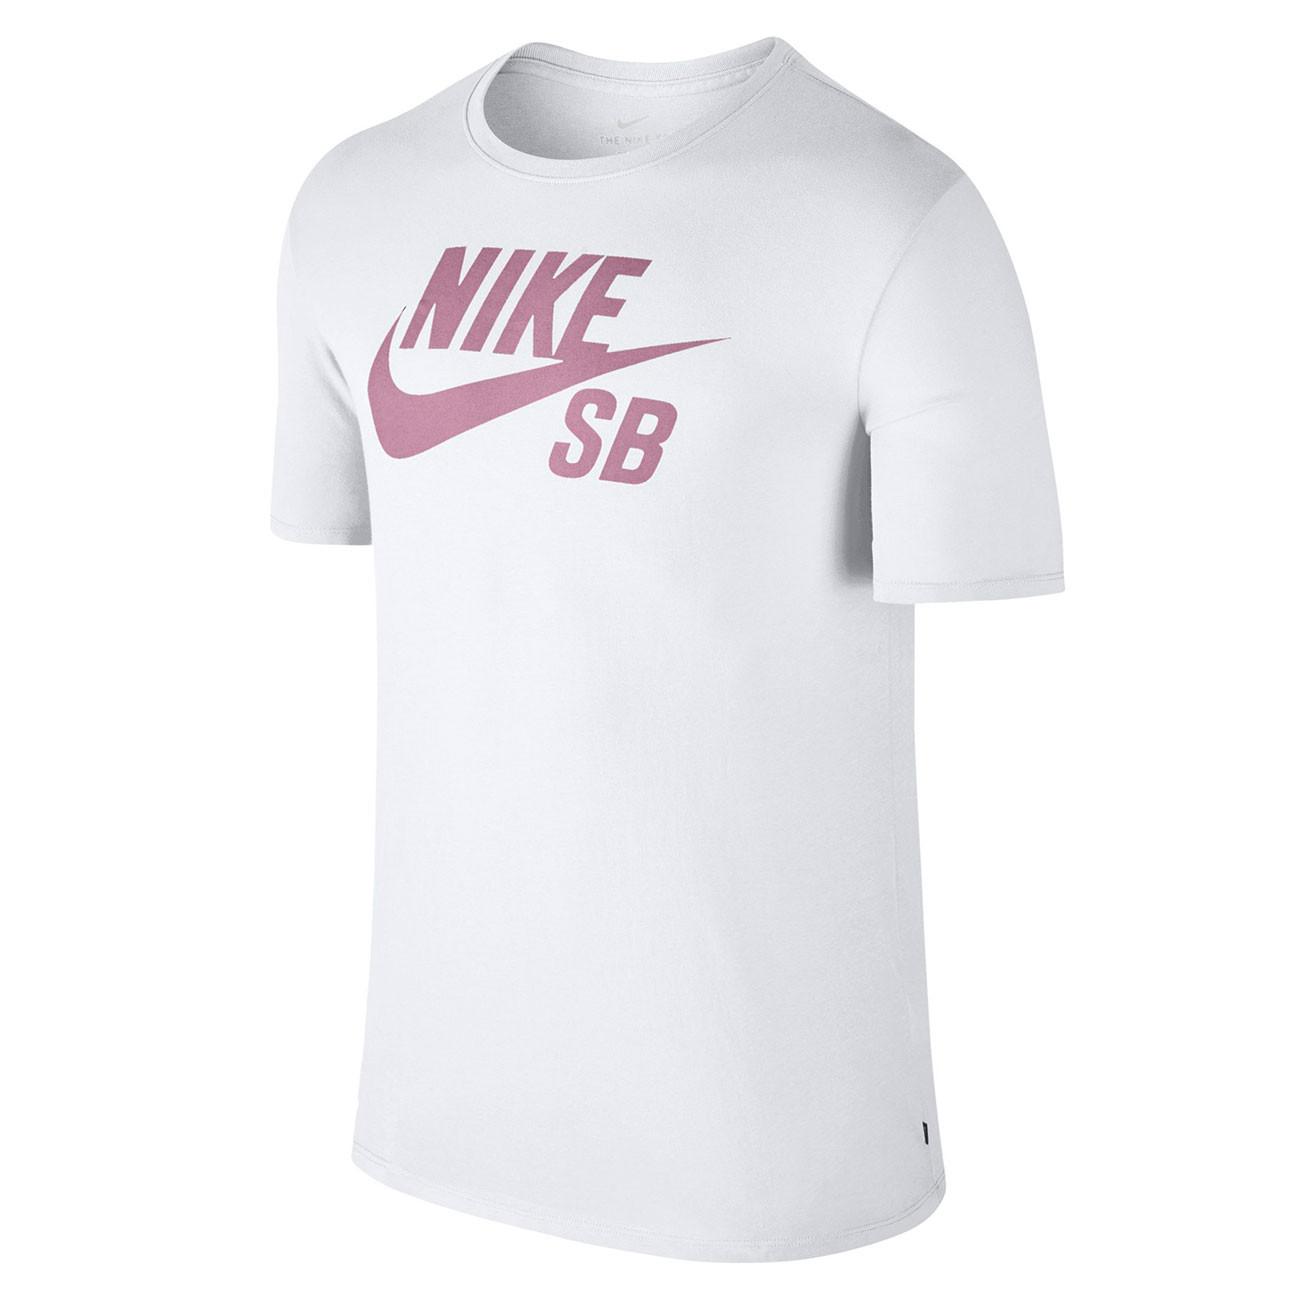 Nike SB Logo white elemental pink - Glami.cz 6c26d45f3d